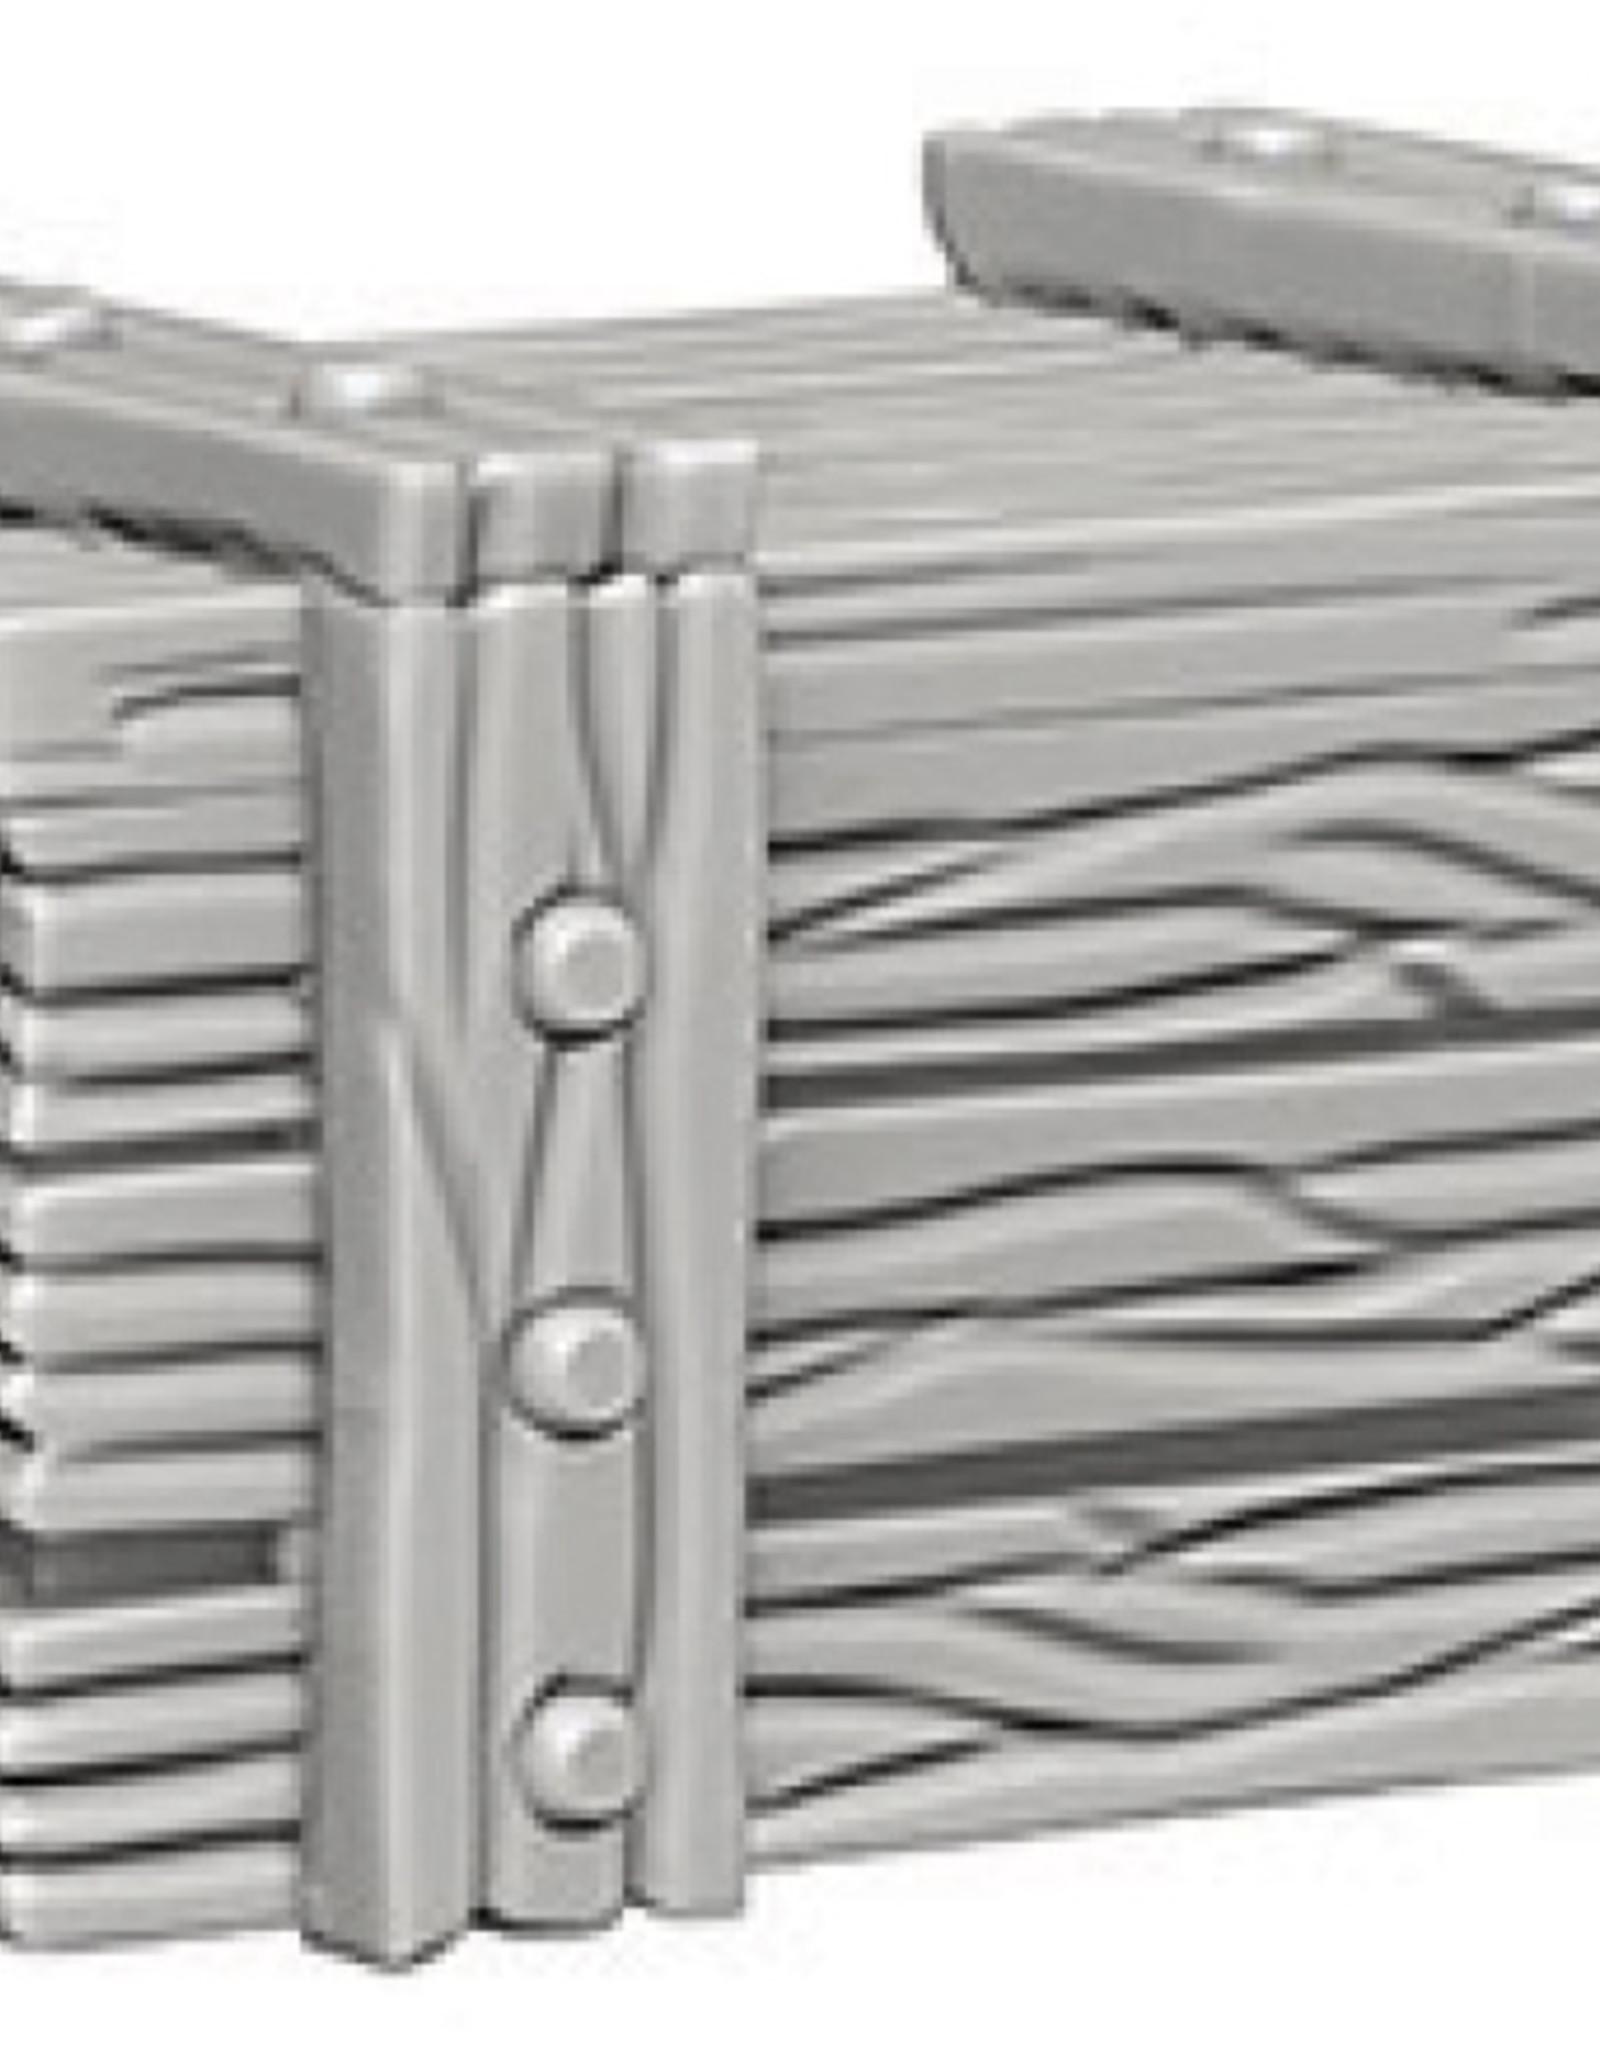 WizKids Deep Cuts: Crates